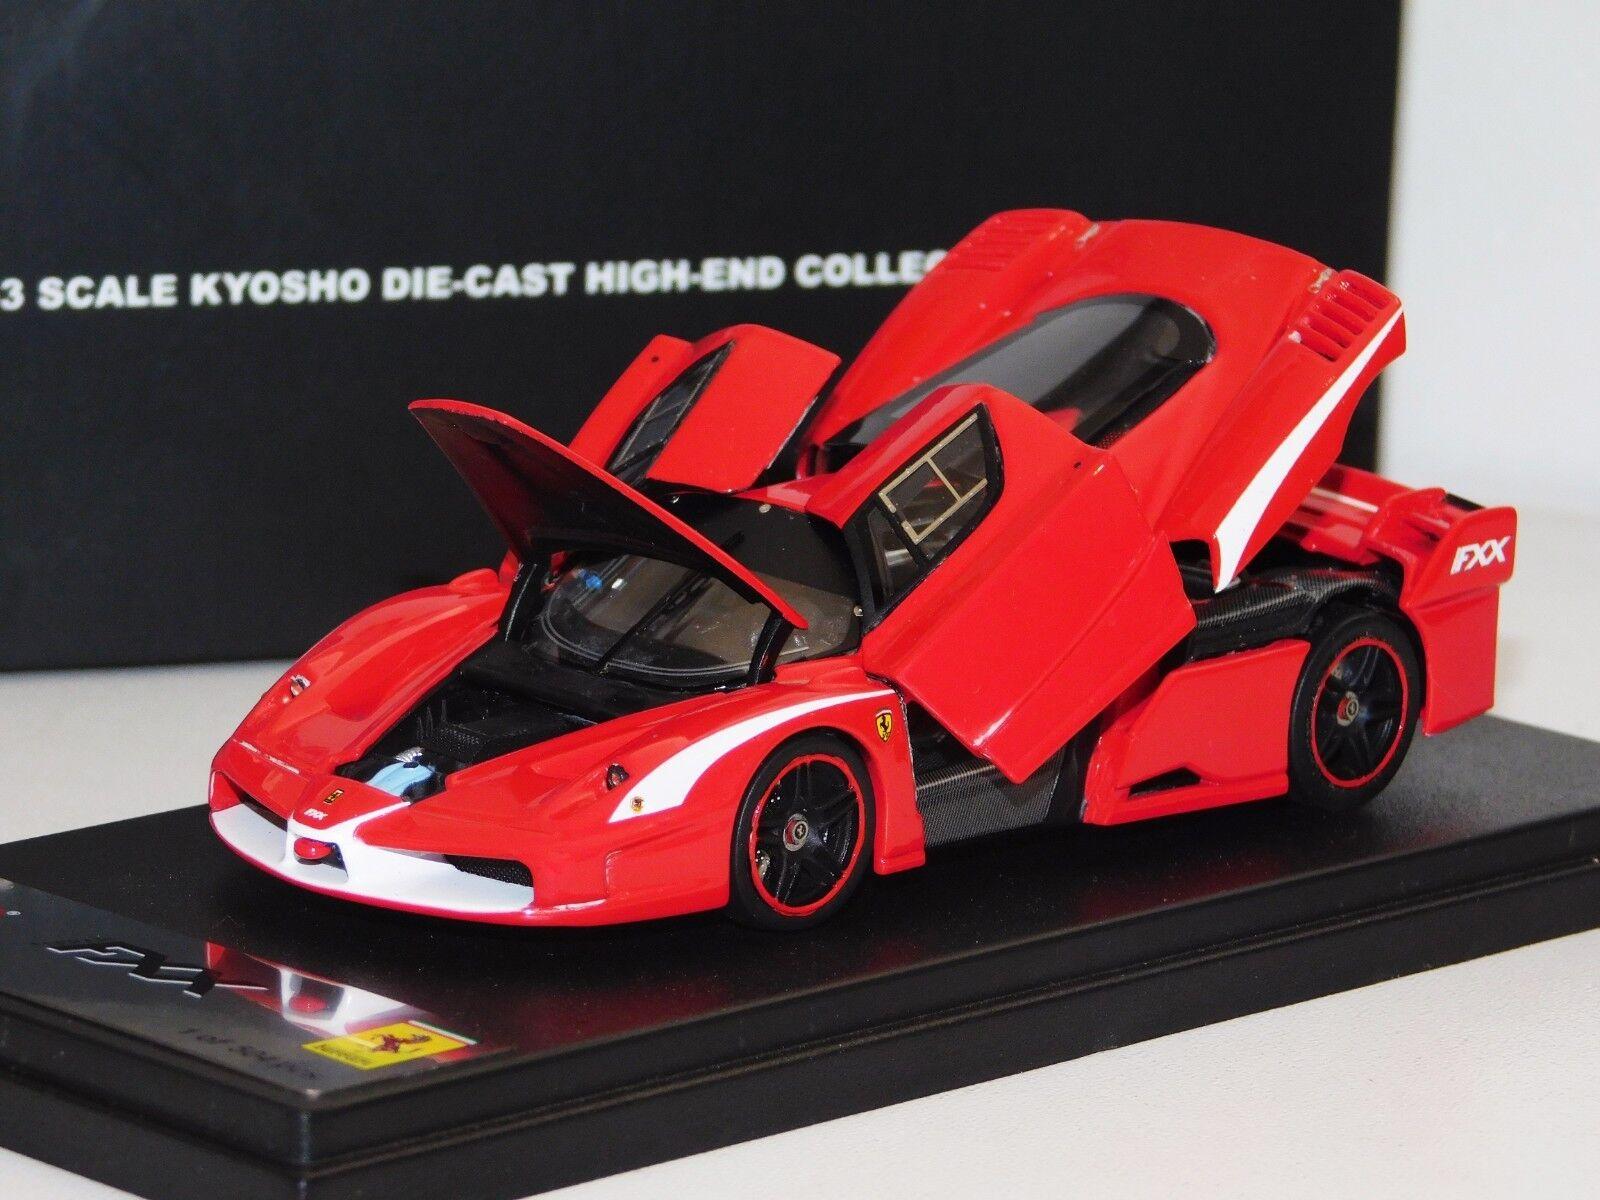 Ferrari Fxx Evoluzione rosso todos apertura Kyosho High End por el Sr. 04211R 1 43